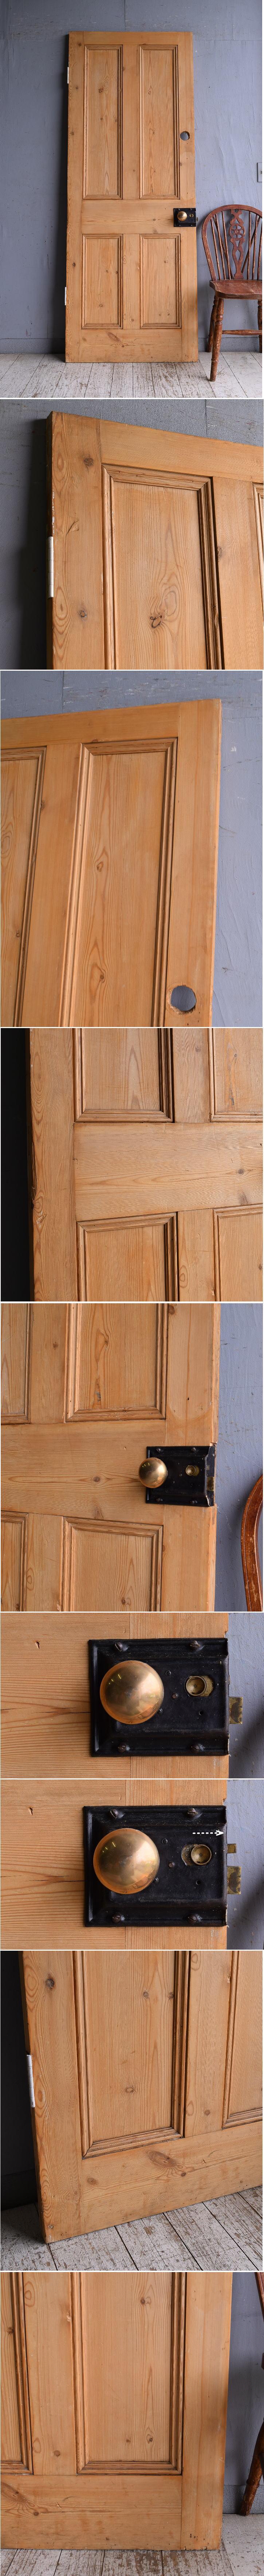 イギリス アンティーク オールドパイン ドア 扉 建具 9365